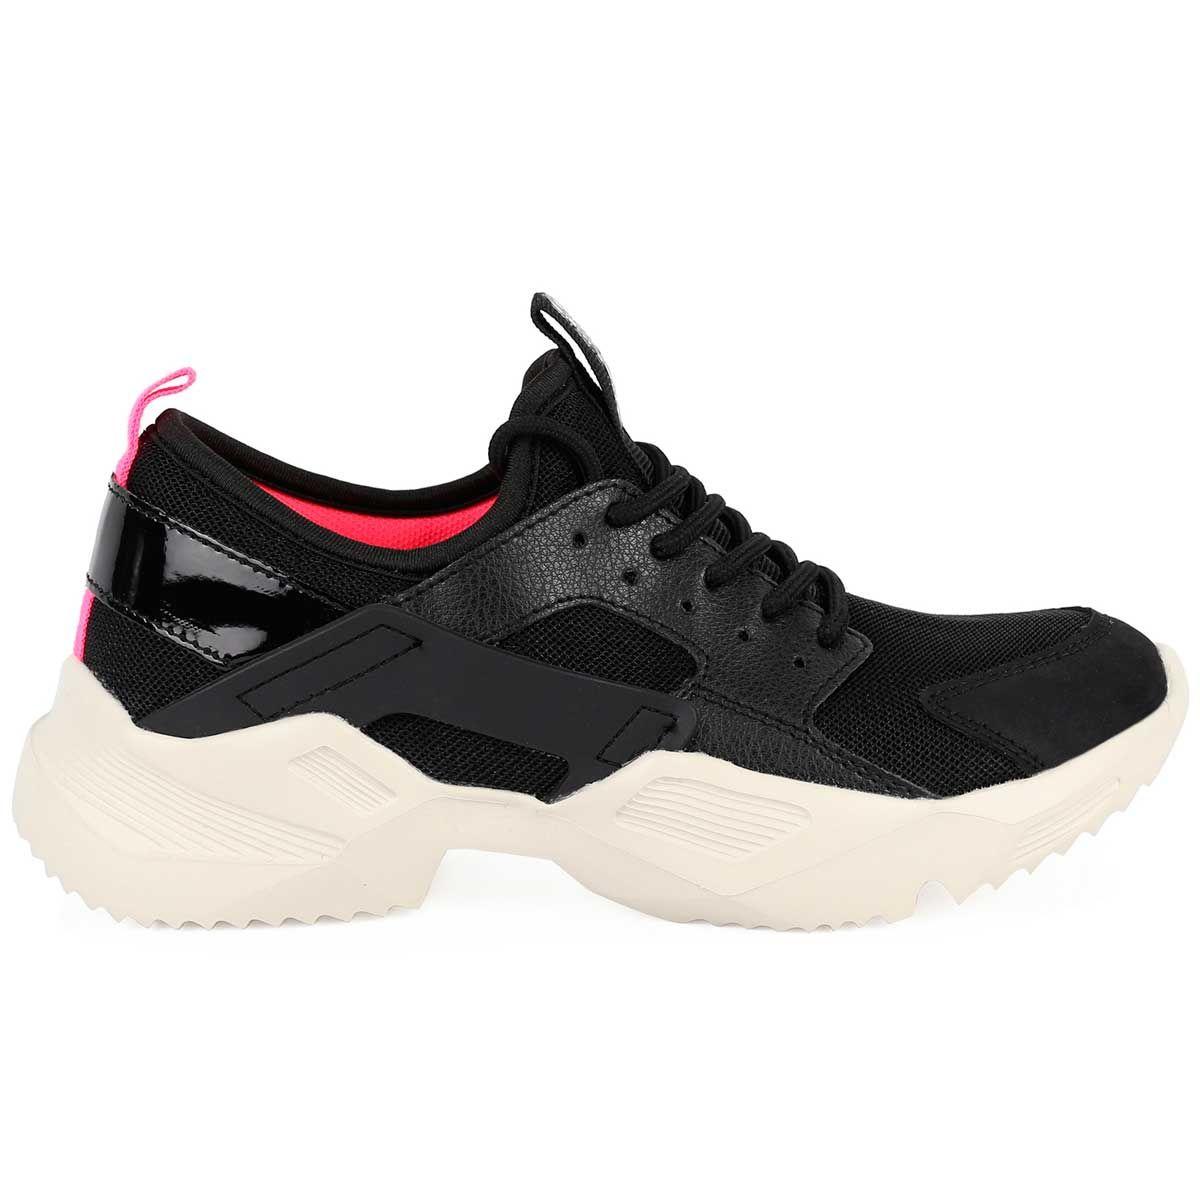 Montevita Chunky Sneaker in Black